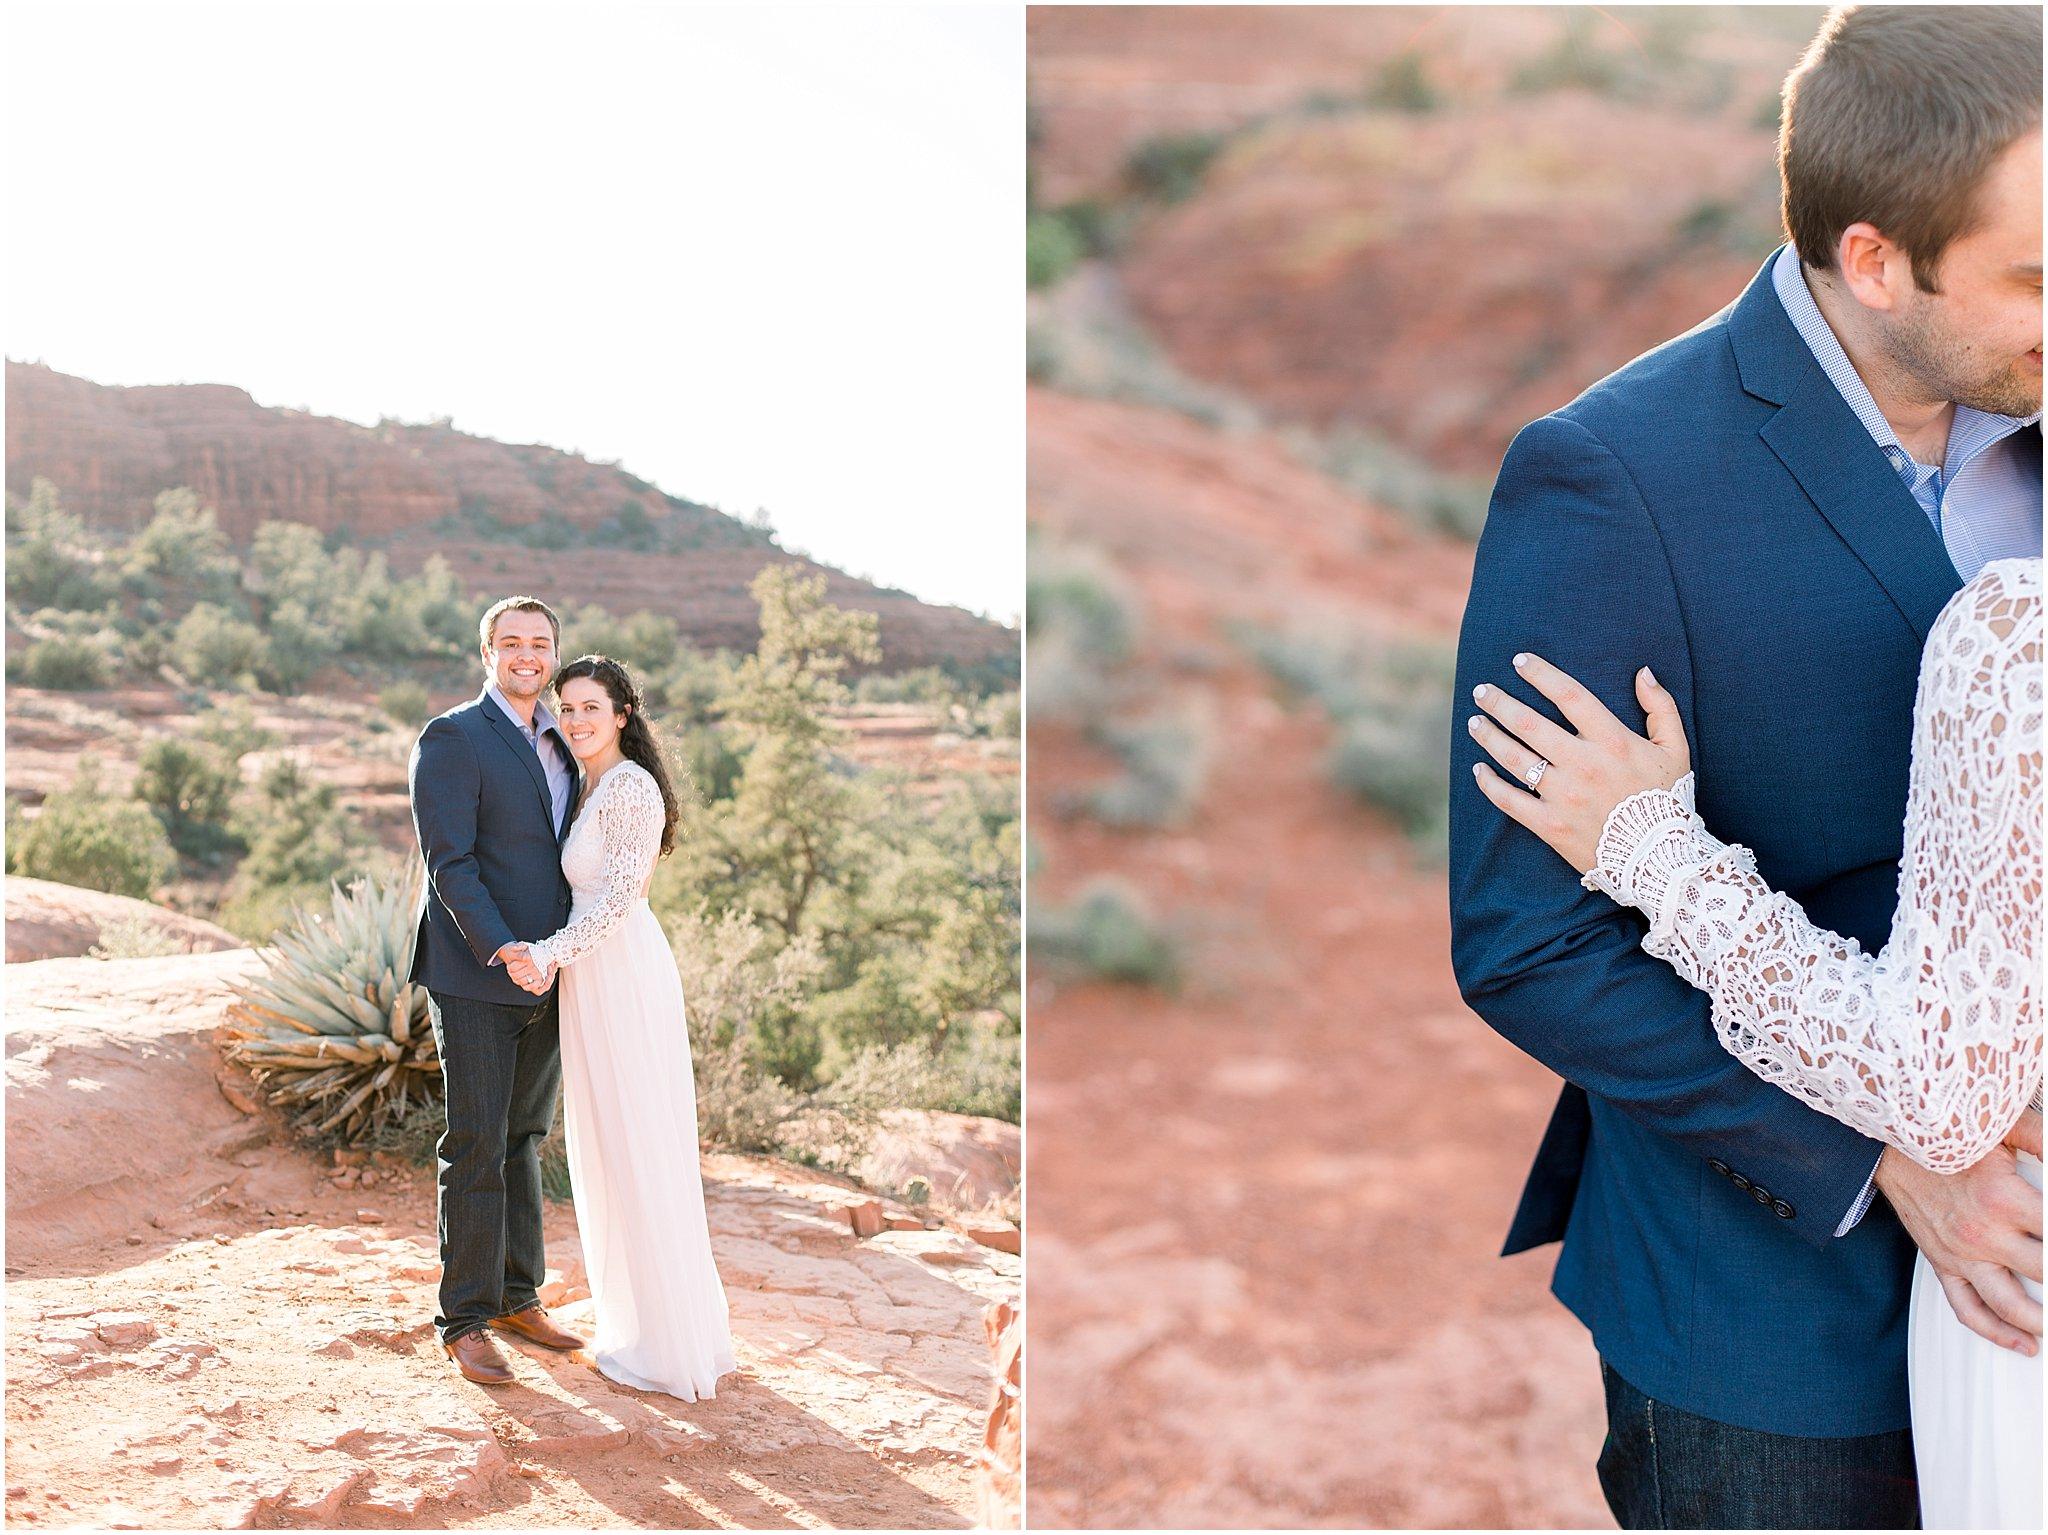 sedona-arizona-engagement-photographer_0011.jpg